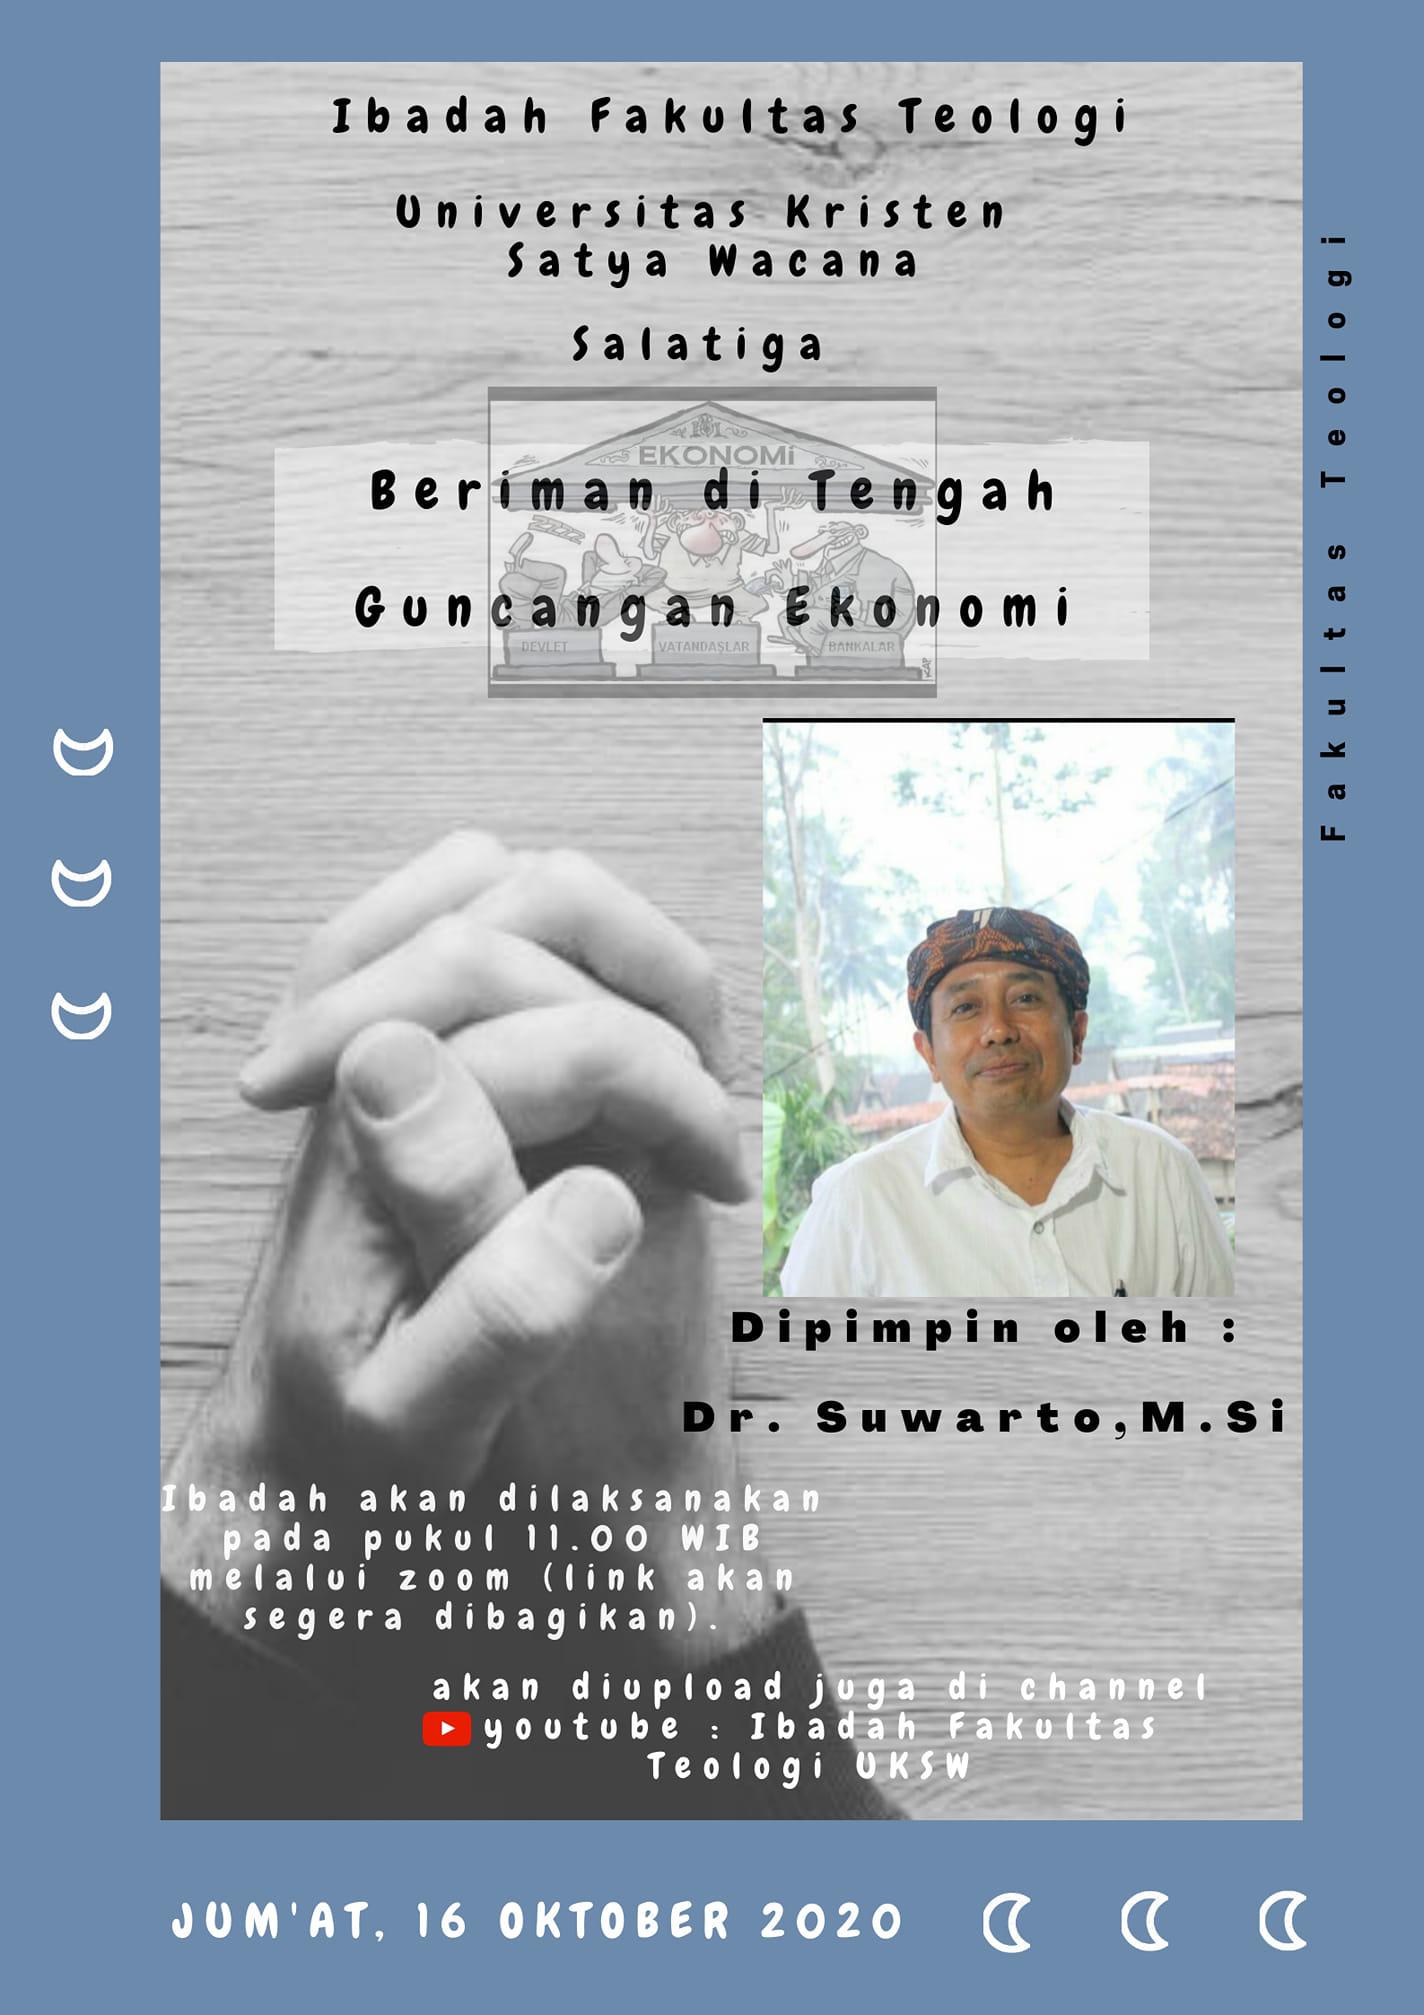 Ibadah Fakultas Teologi - Jumat 16 Oktober 2020